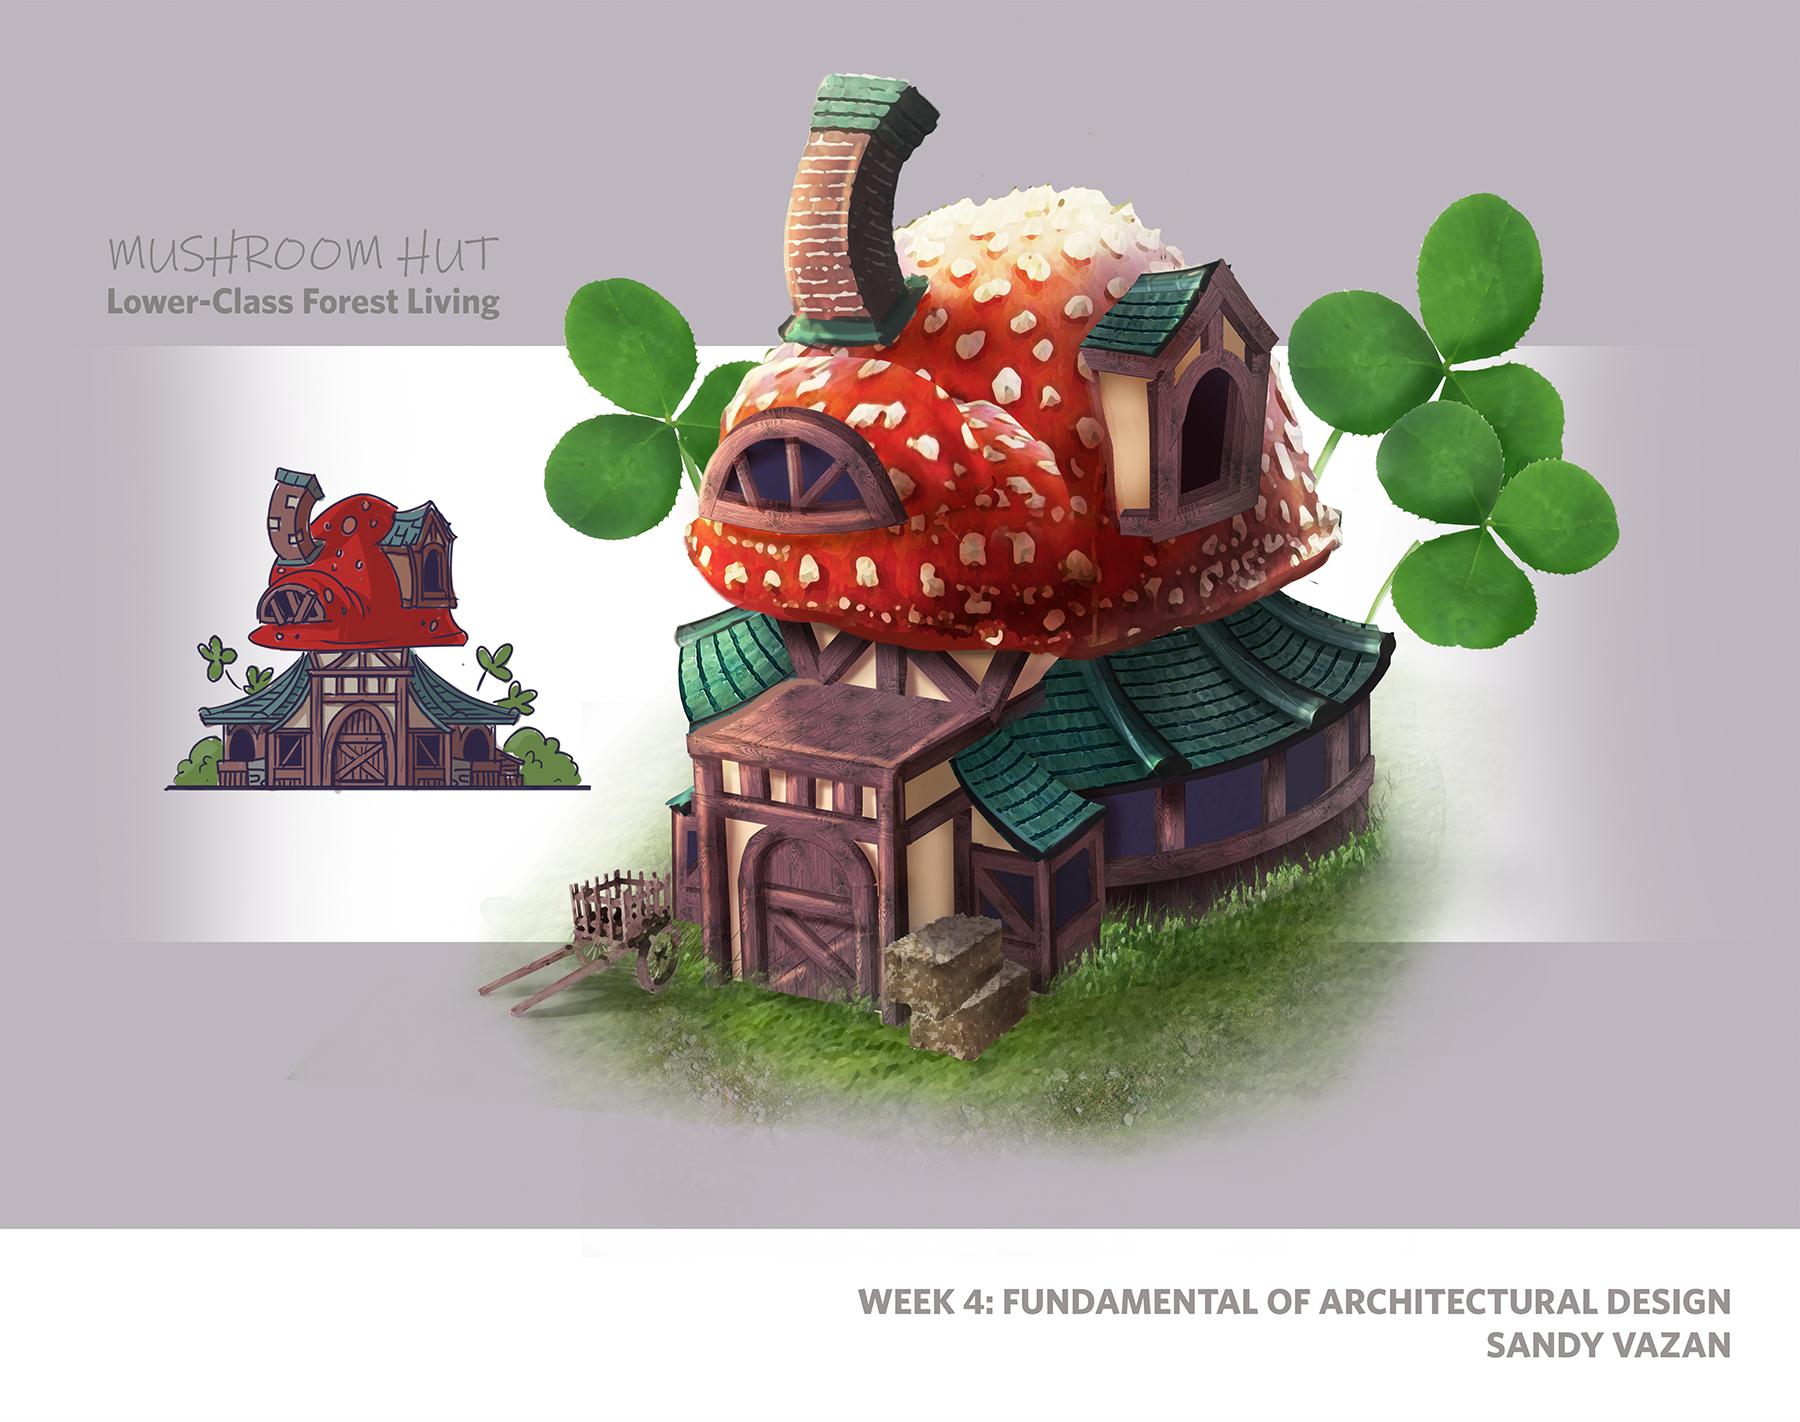 sandy_vazan-fundamentals_of_architecture_design-wk4-1554292288.jpg